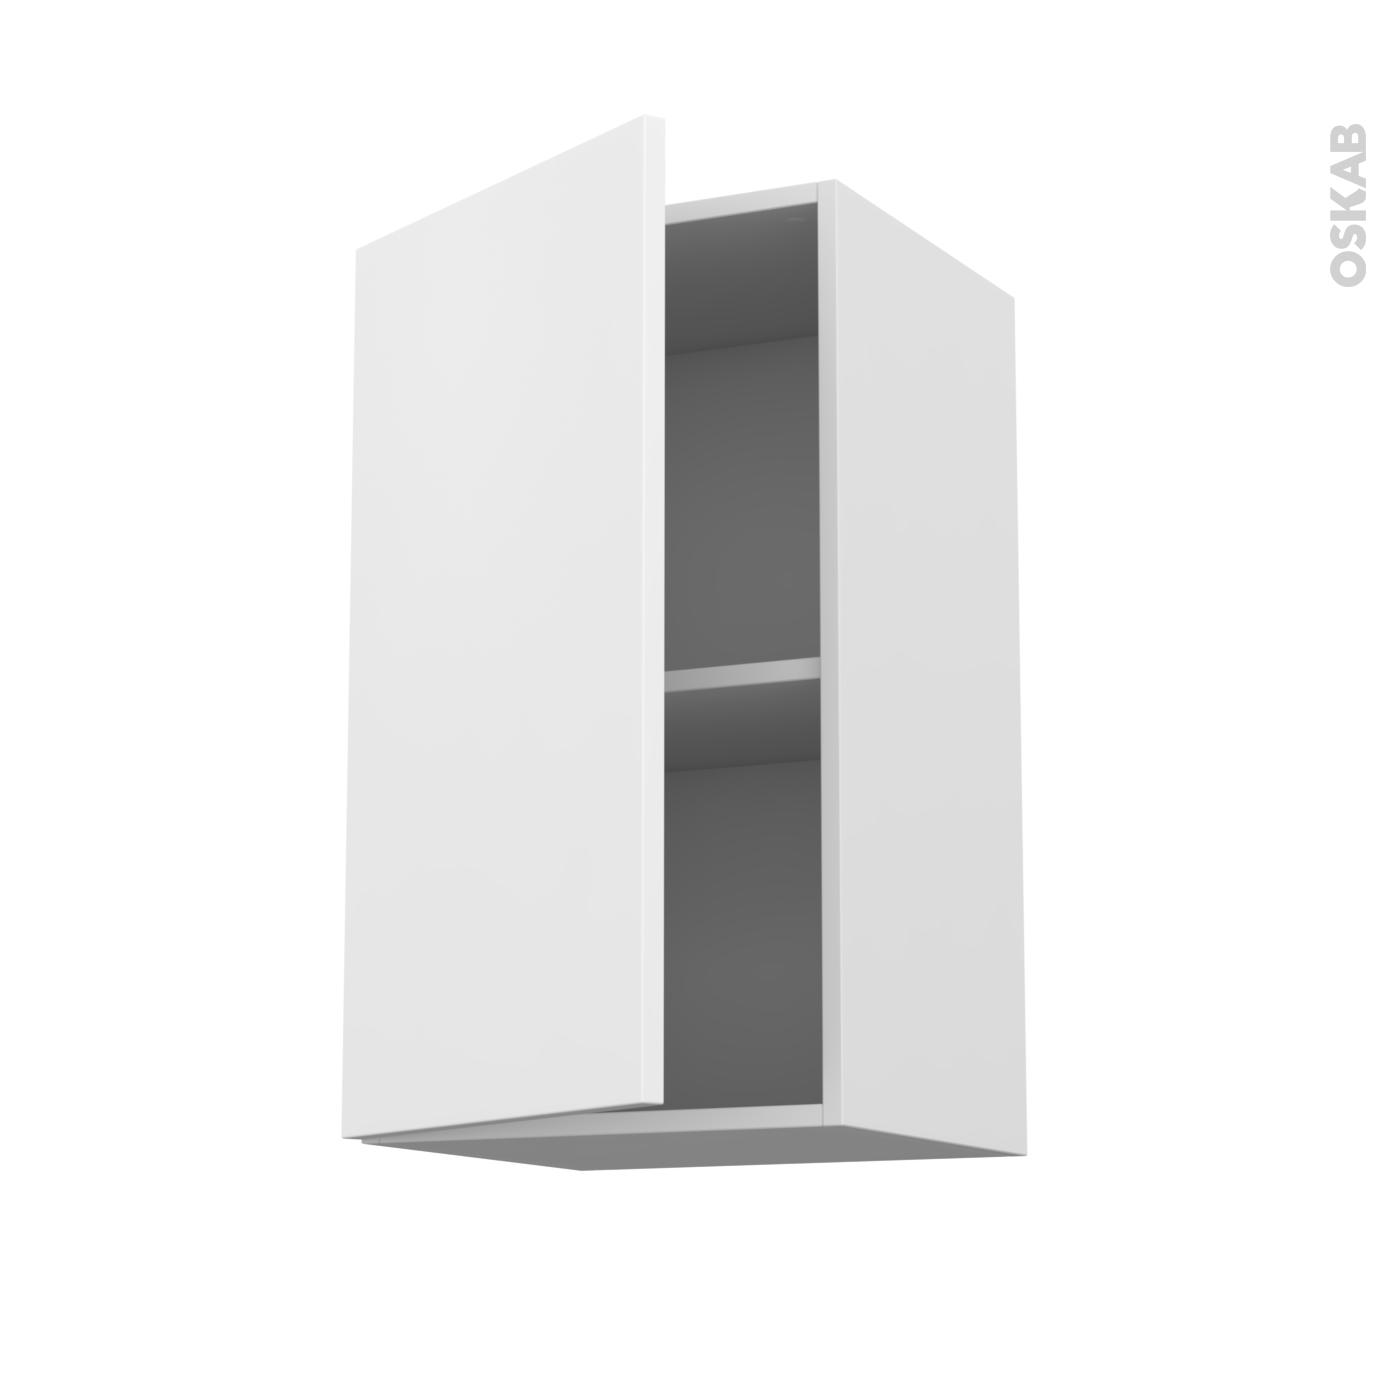 Meuble de cuisine Haut ouvrant GINKO Blanc, 11 porte, L11 x H11 x P11 cm